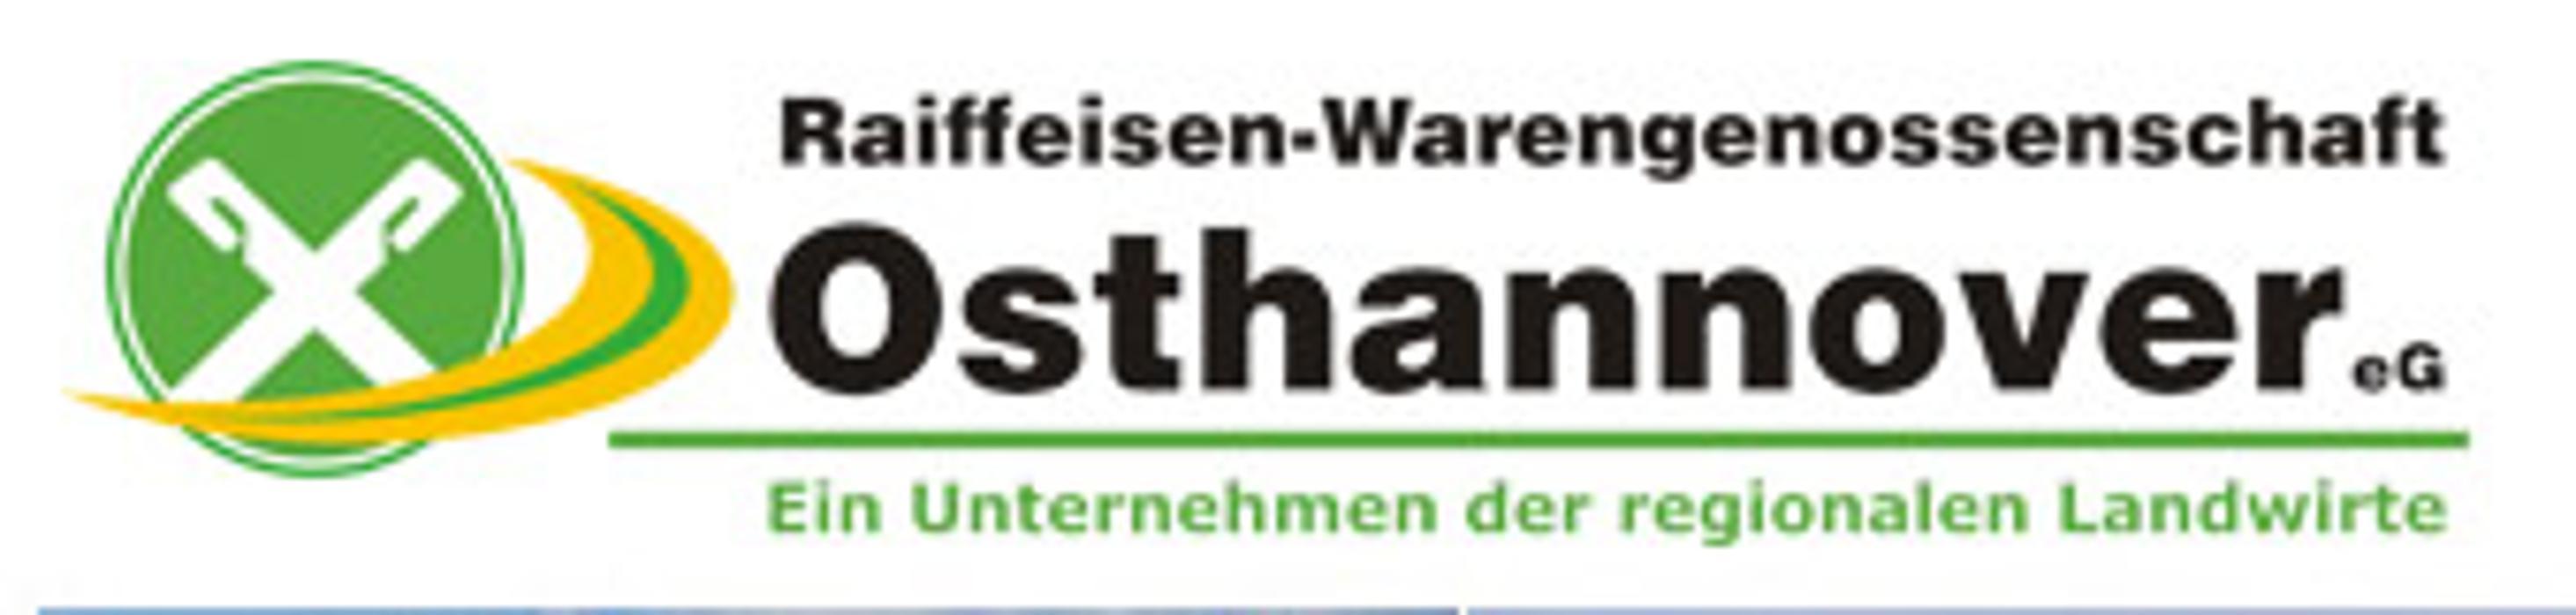 Logo von RWG Osthannover eG - Raiffeisen-Markt Burgdorf und 24h-Tankstelle